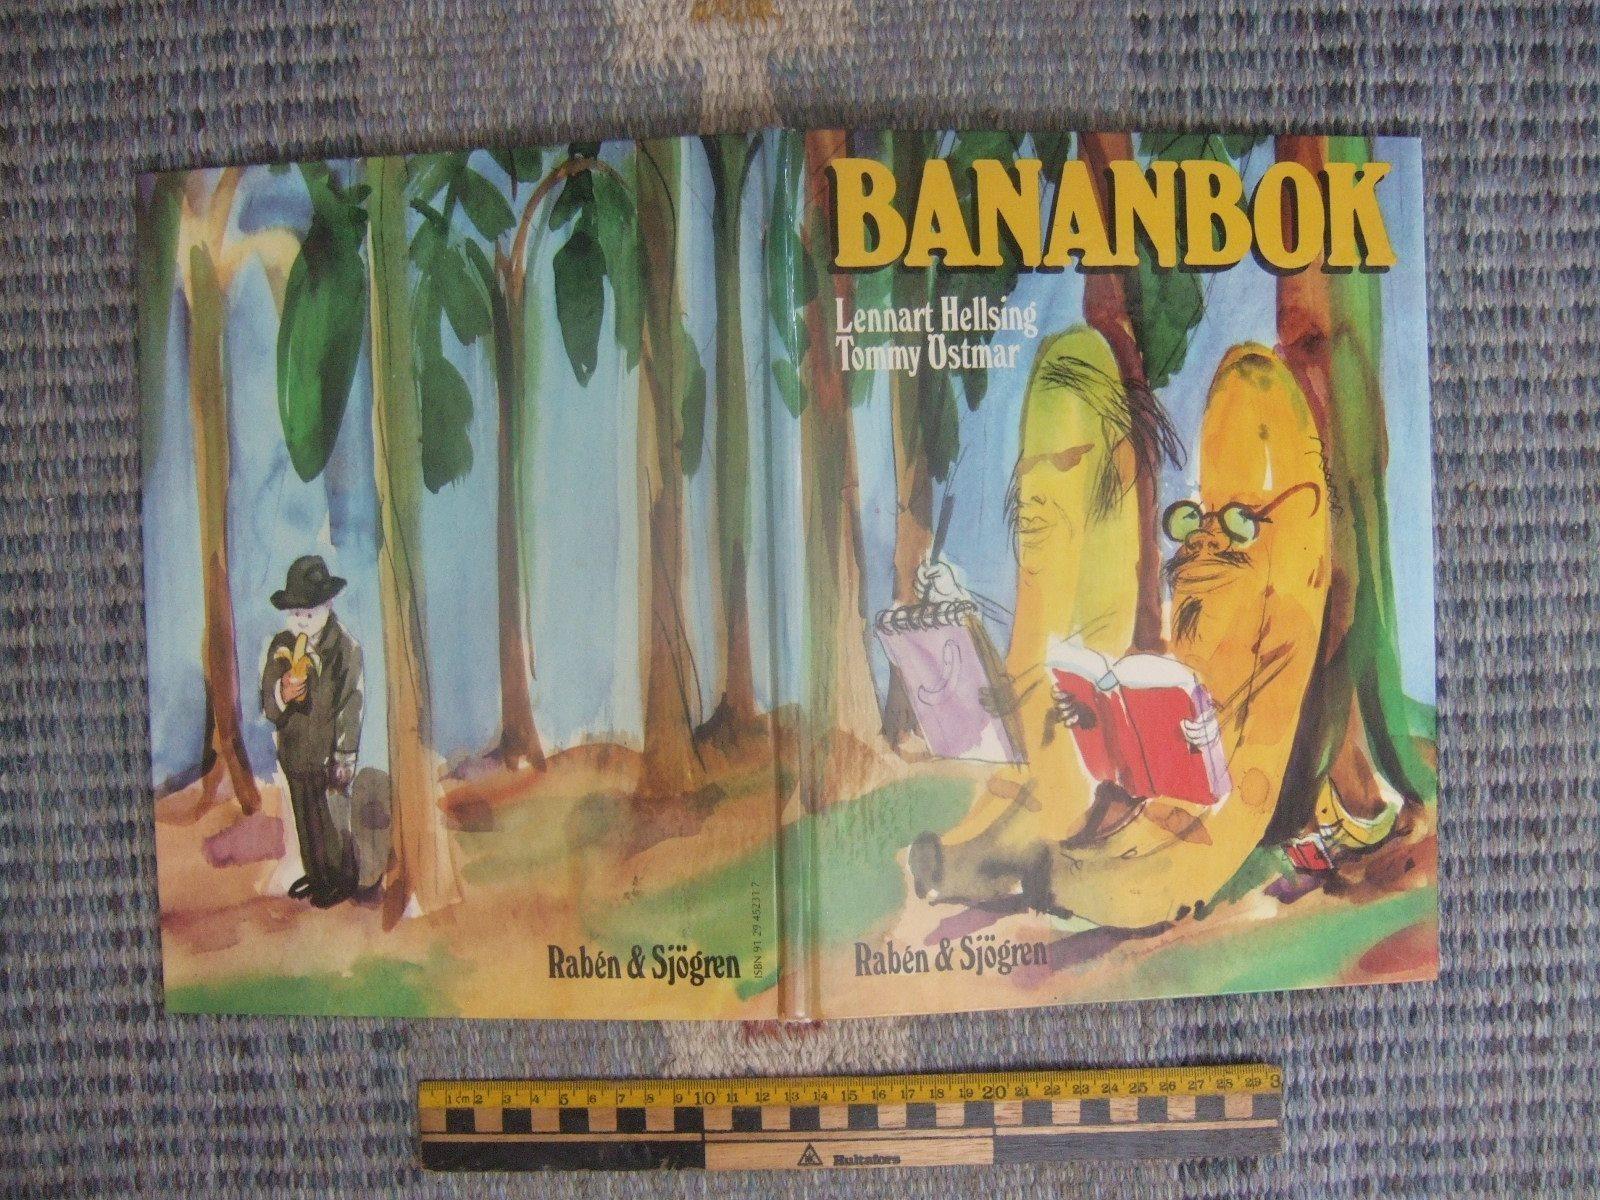 bananbok lennart hellsing